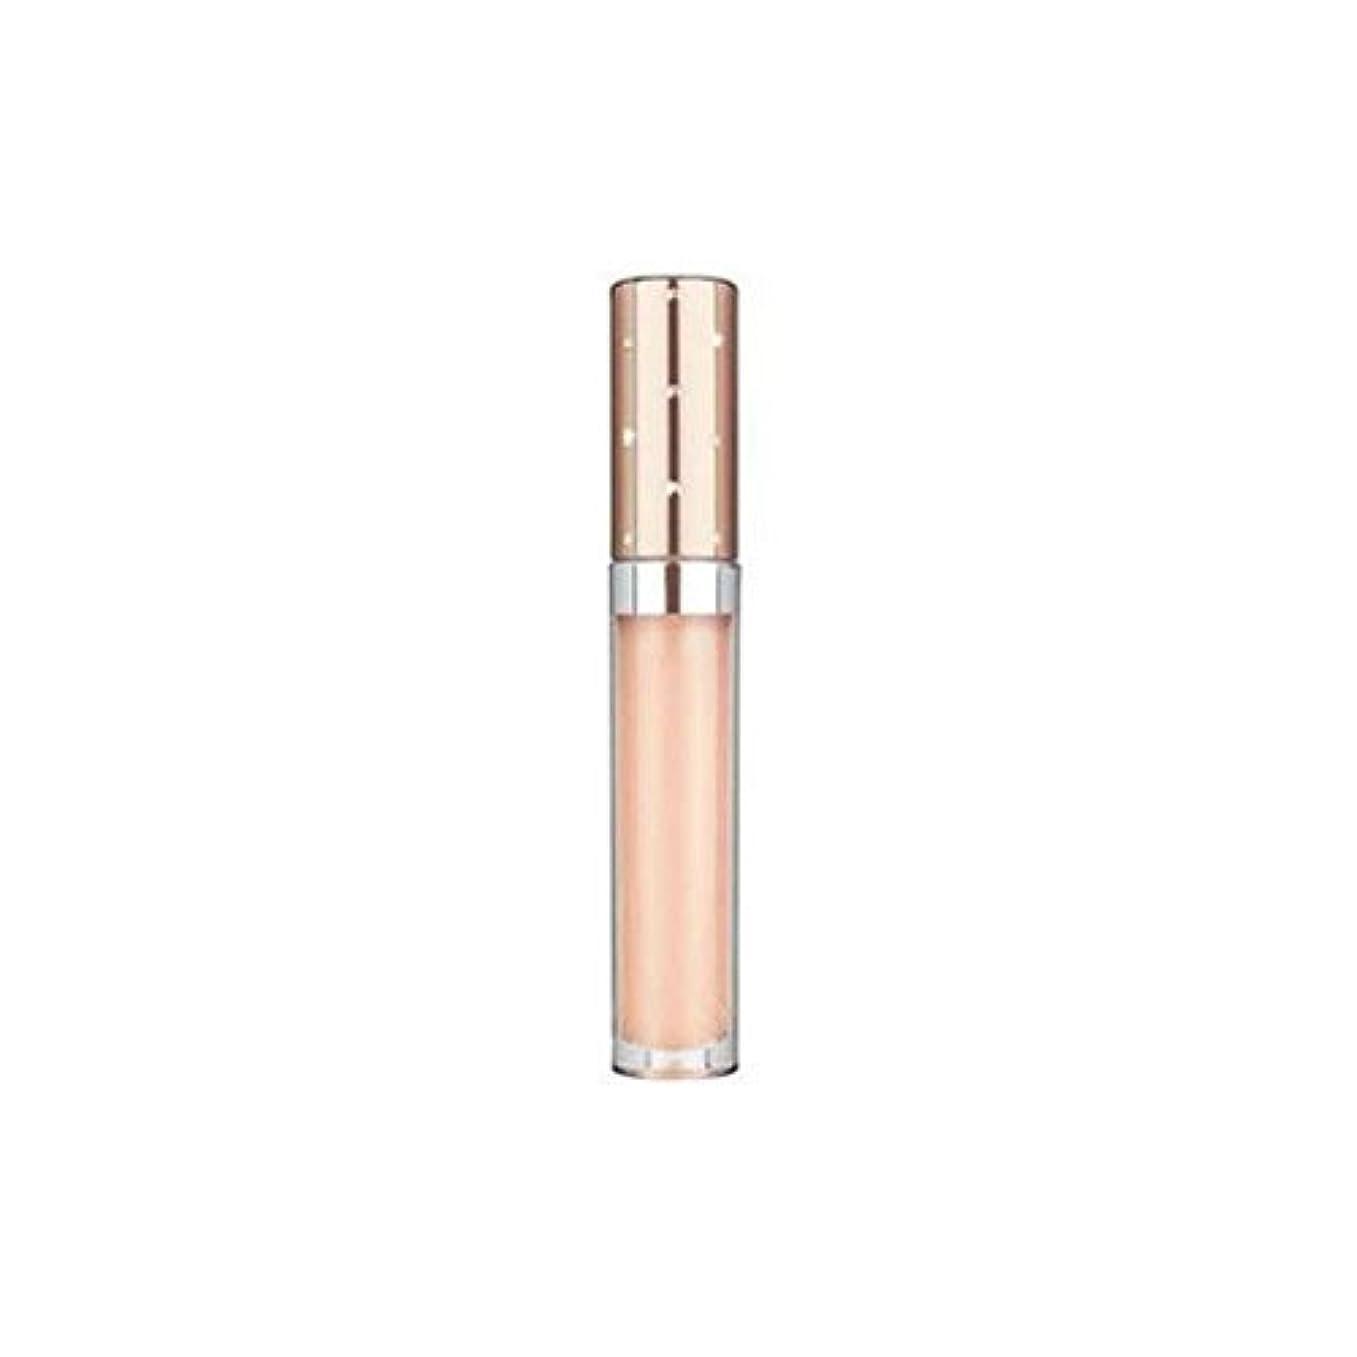 打倒ビリーヤギ吸収するNubo Instant Lip Perfection Spf15 (5ml) - インスタントリップパーフェクション15(5ミリリットル) [並行輸入品]